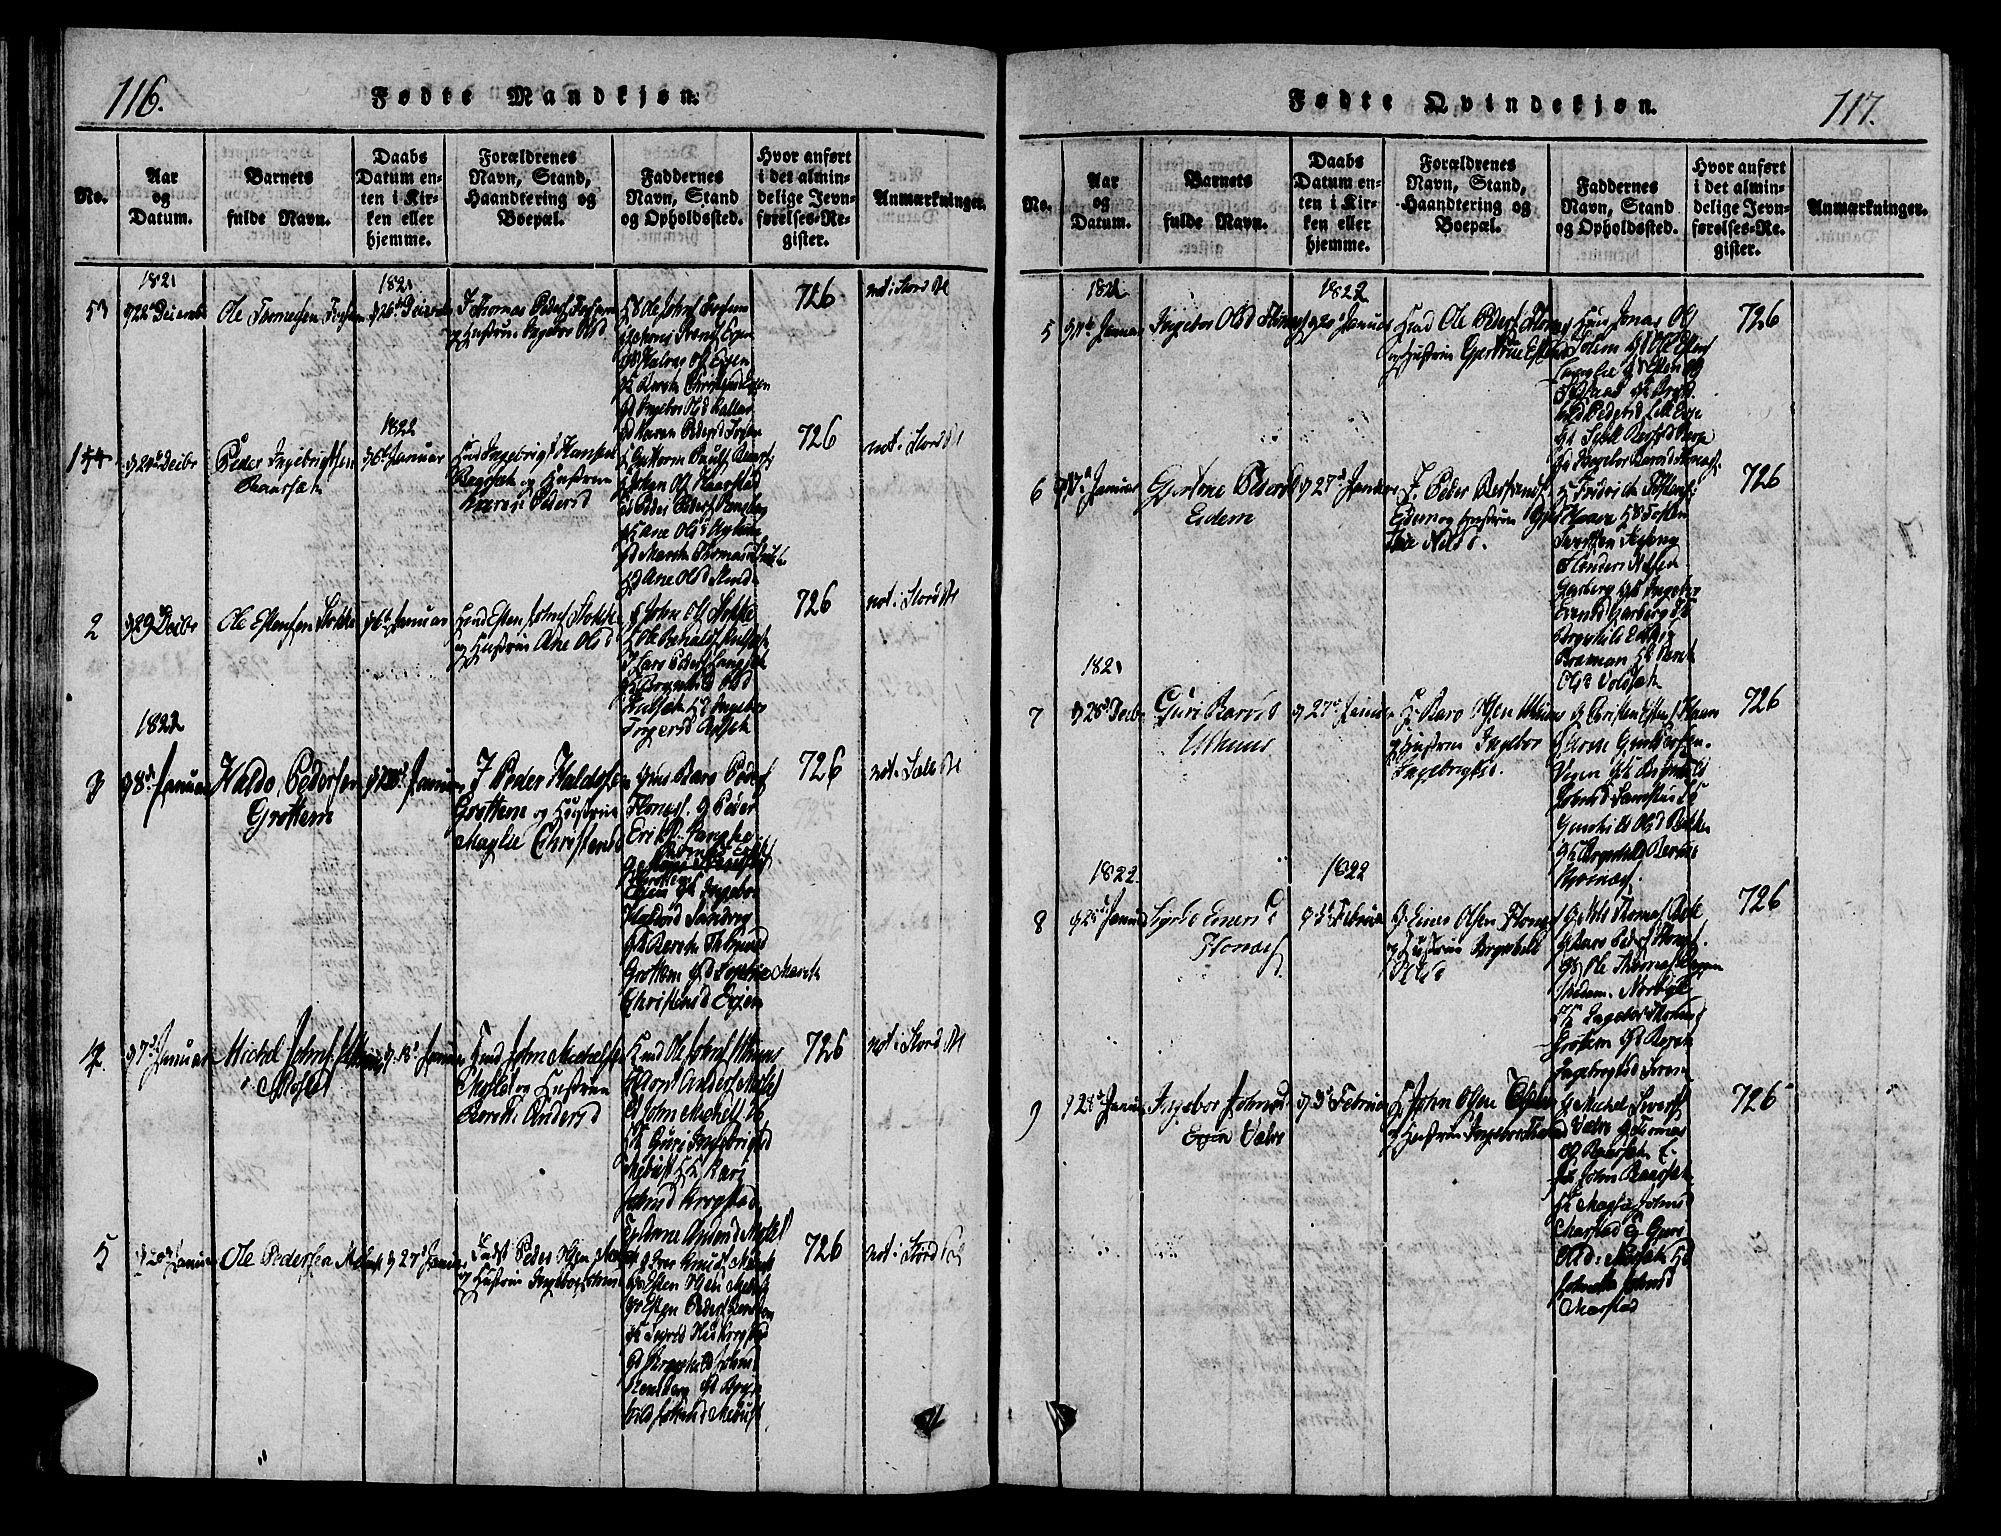 SAT, Ministerialprotokoller, klokkerbøker og fødselsregistre - Sør-Trøndelag, 695/L1141: Ministerialbok nr. 695A04 /1, 1816-1824, s. 116-117